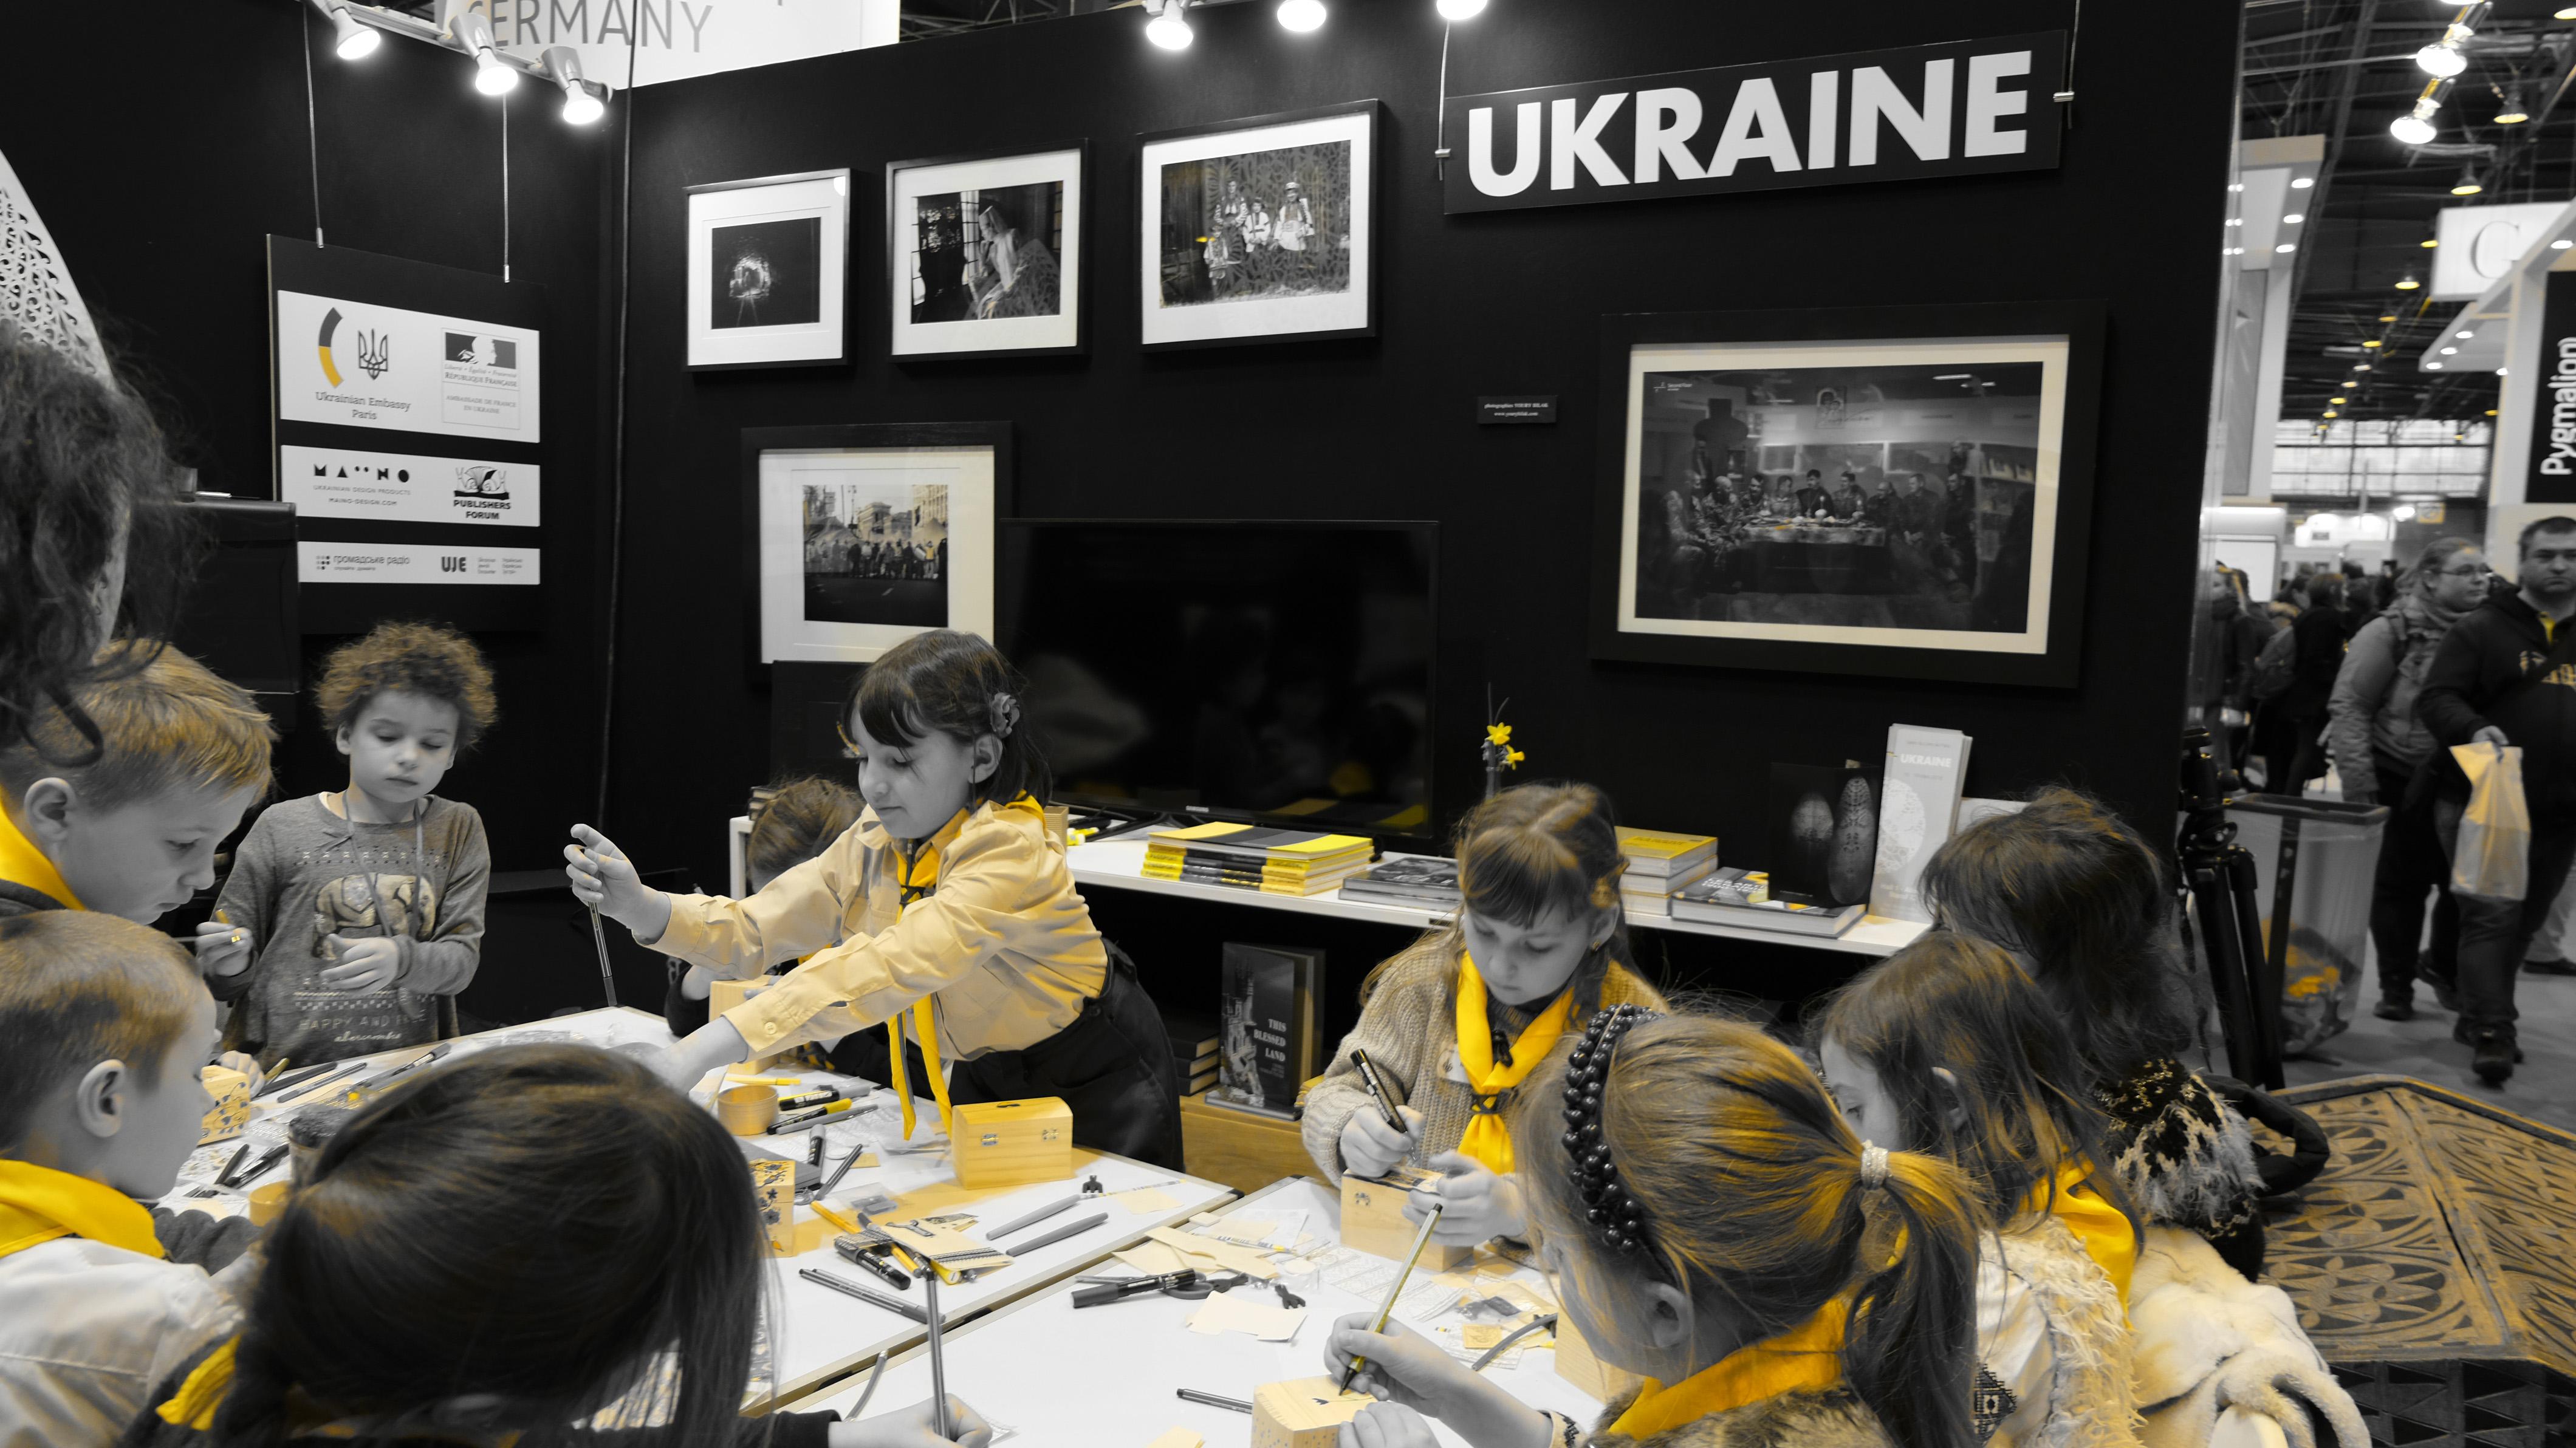 Ucraina a ales să fie reprezentată la Paris de copii